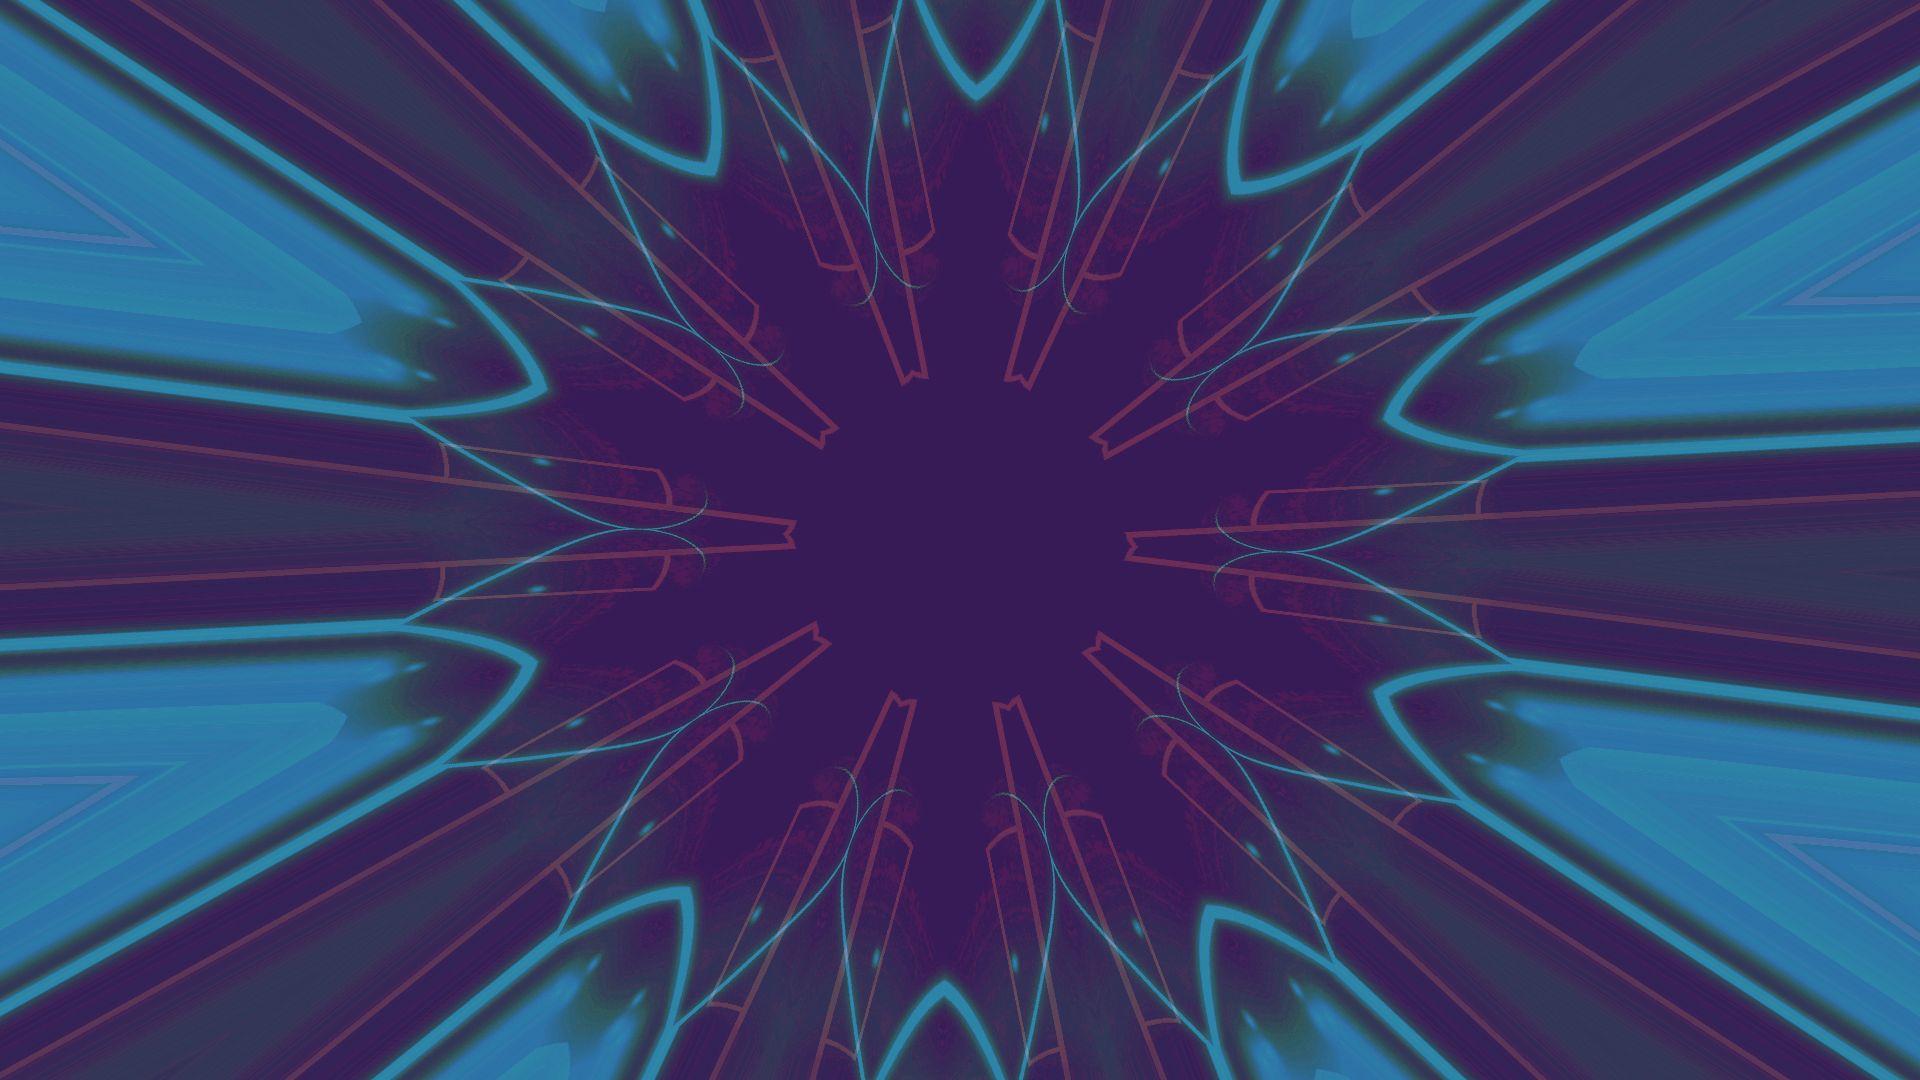 Art ID: 110403